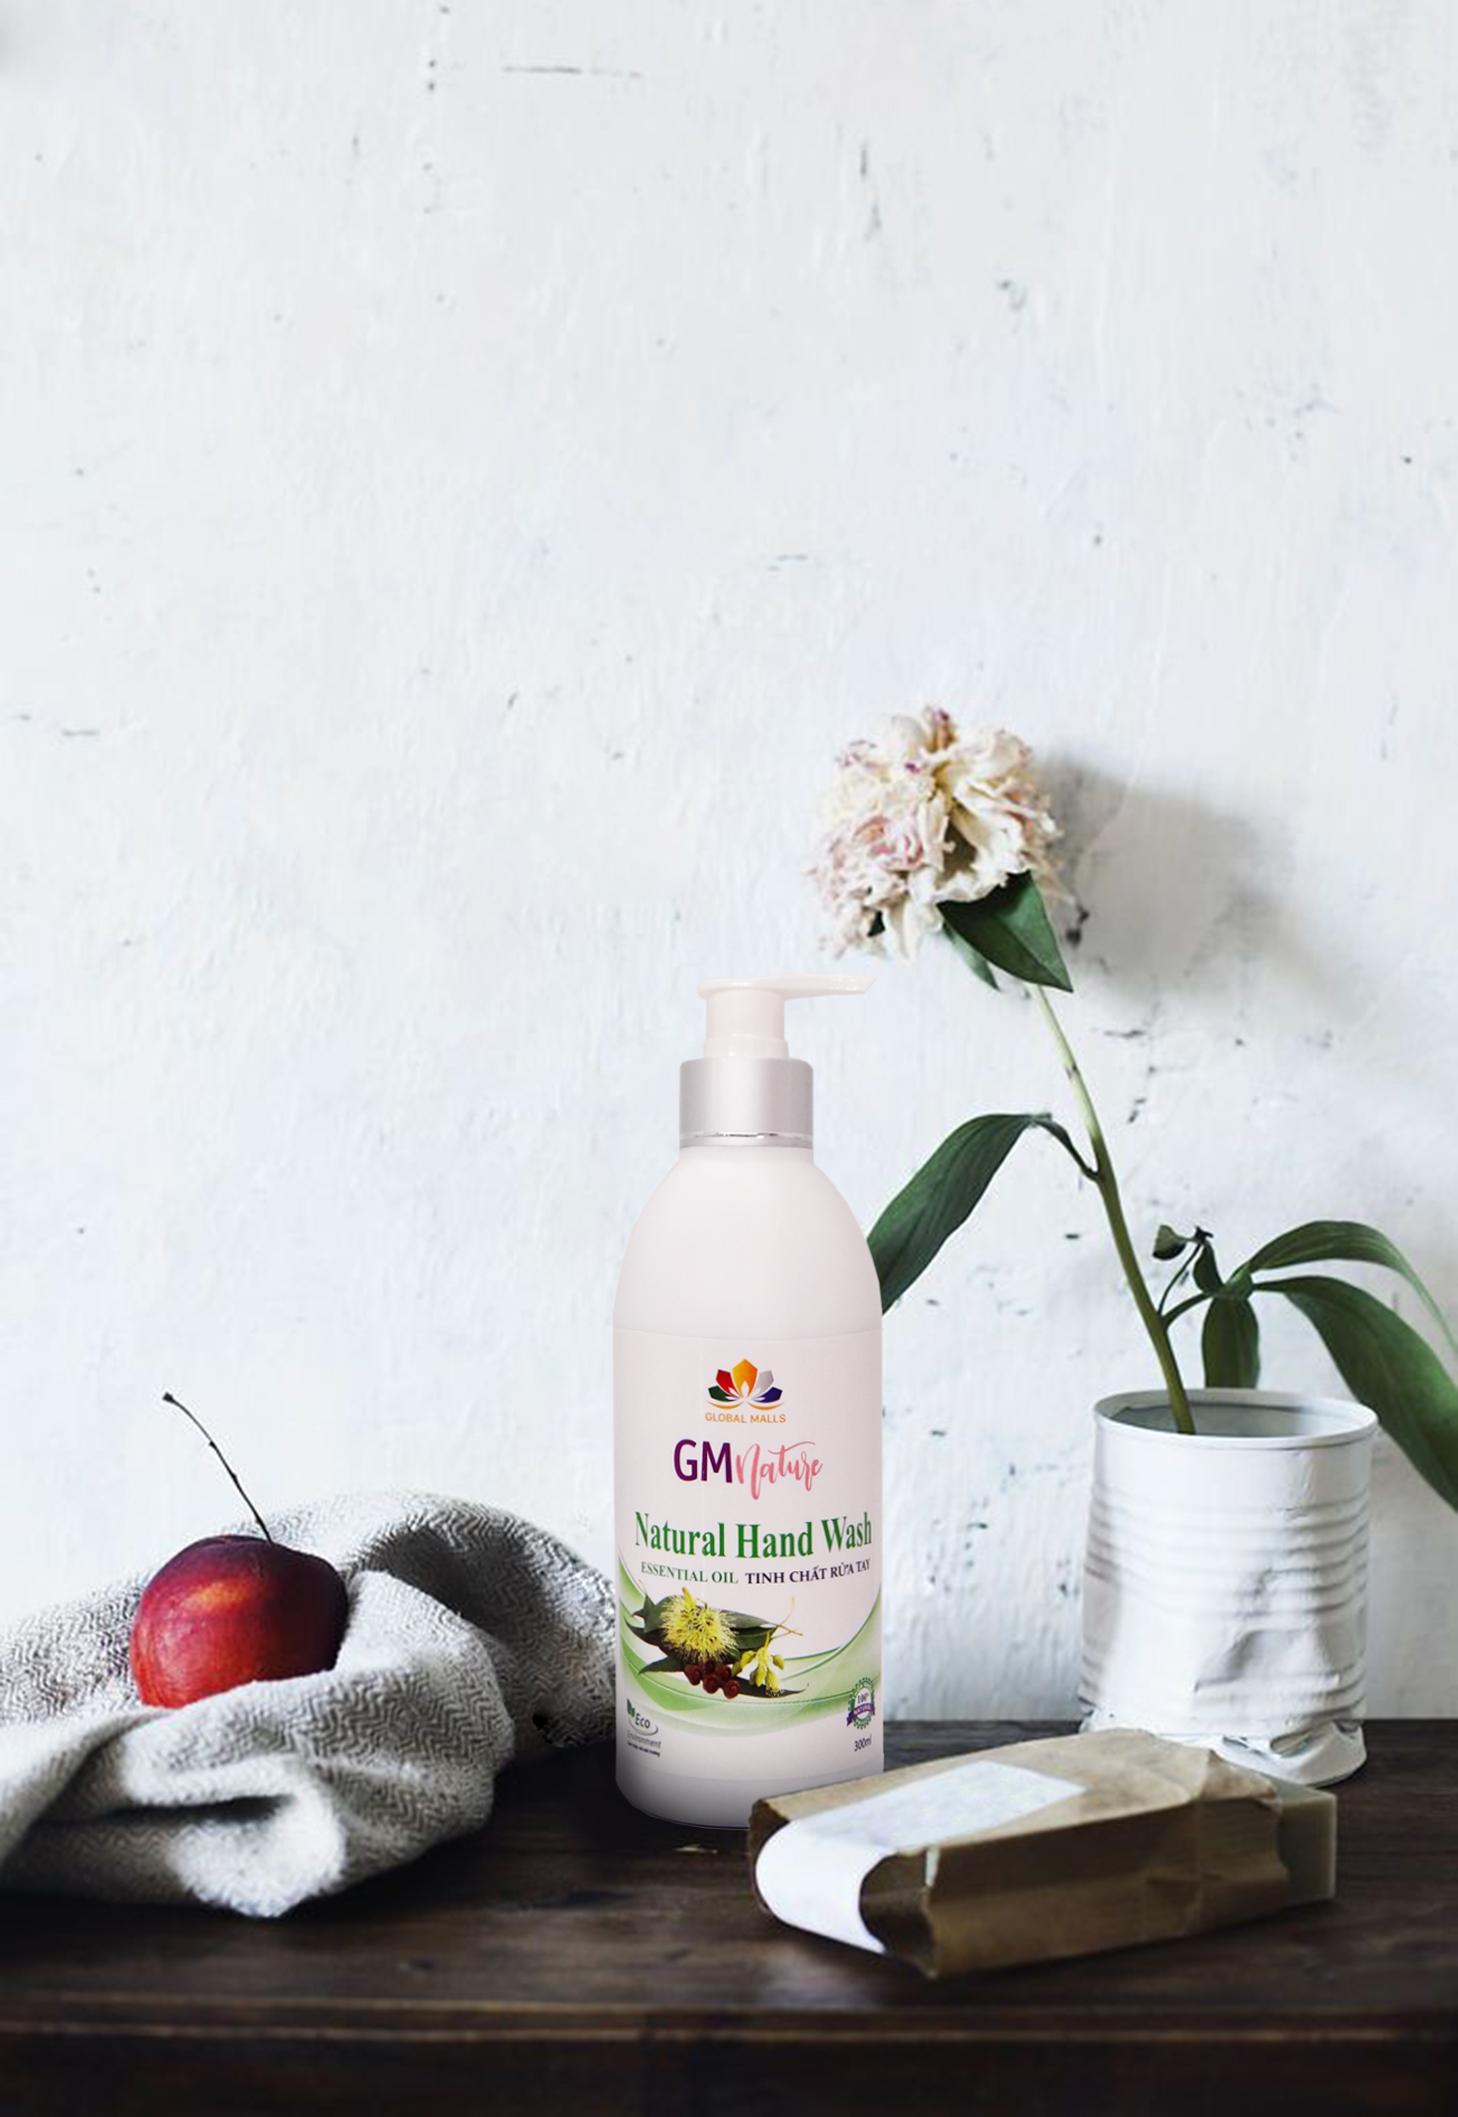 Nước rửa tay tự nhiên GMnature được chiết xuất hoàn toàn từ tinh dầu thiên nhiên